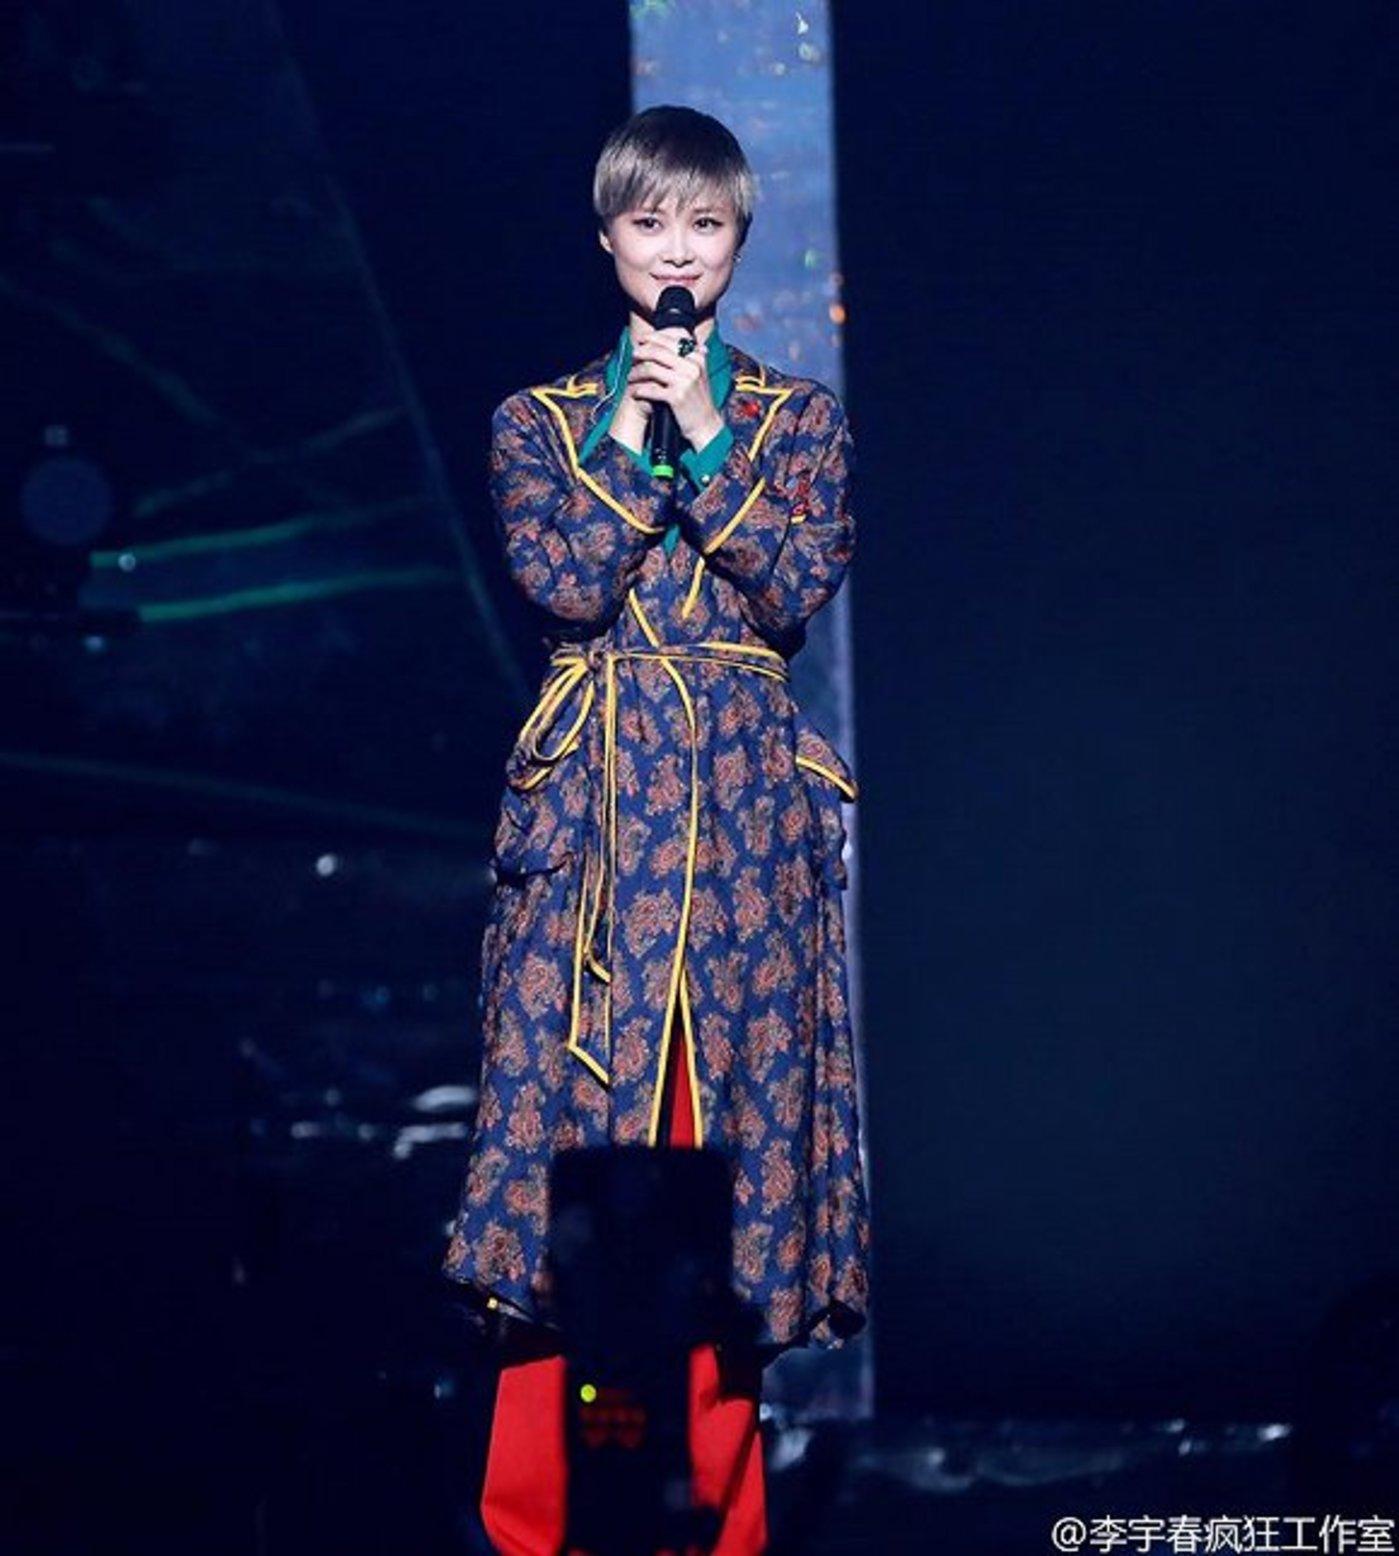 Gucci为全球代言人李宇春专门定制的演唱会服装 图片来源:李宇春疯狂工作室微博